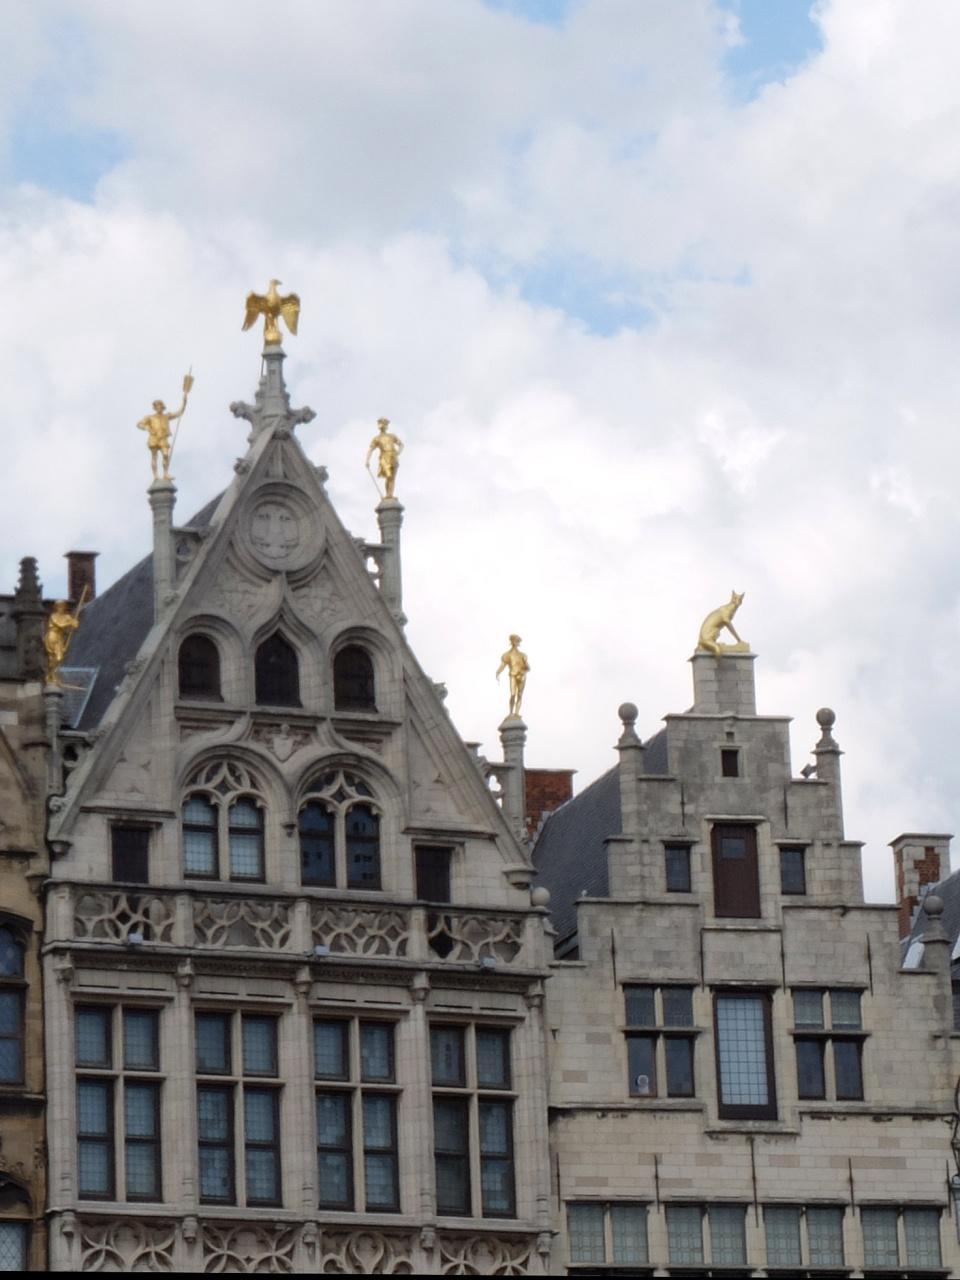 Großer Markt, Antwerpen